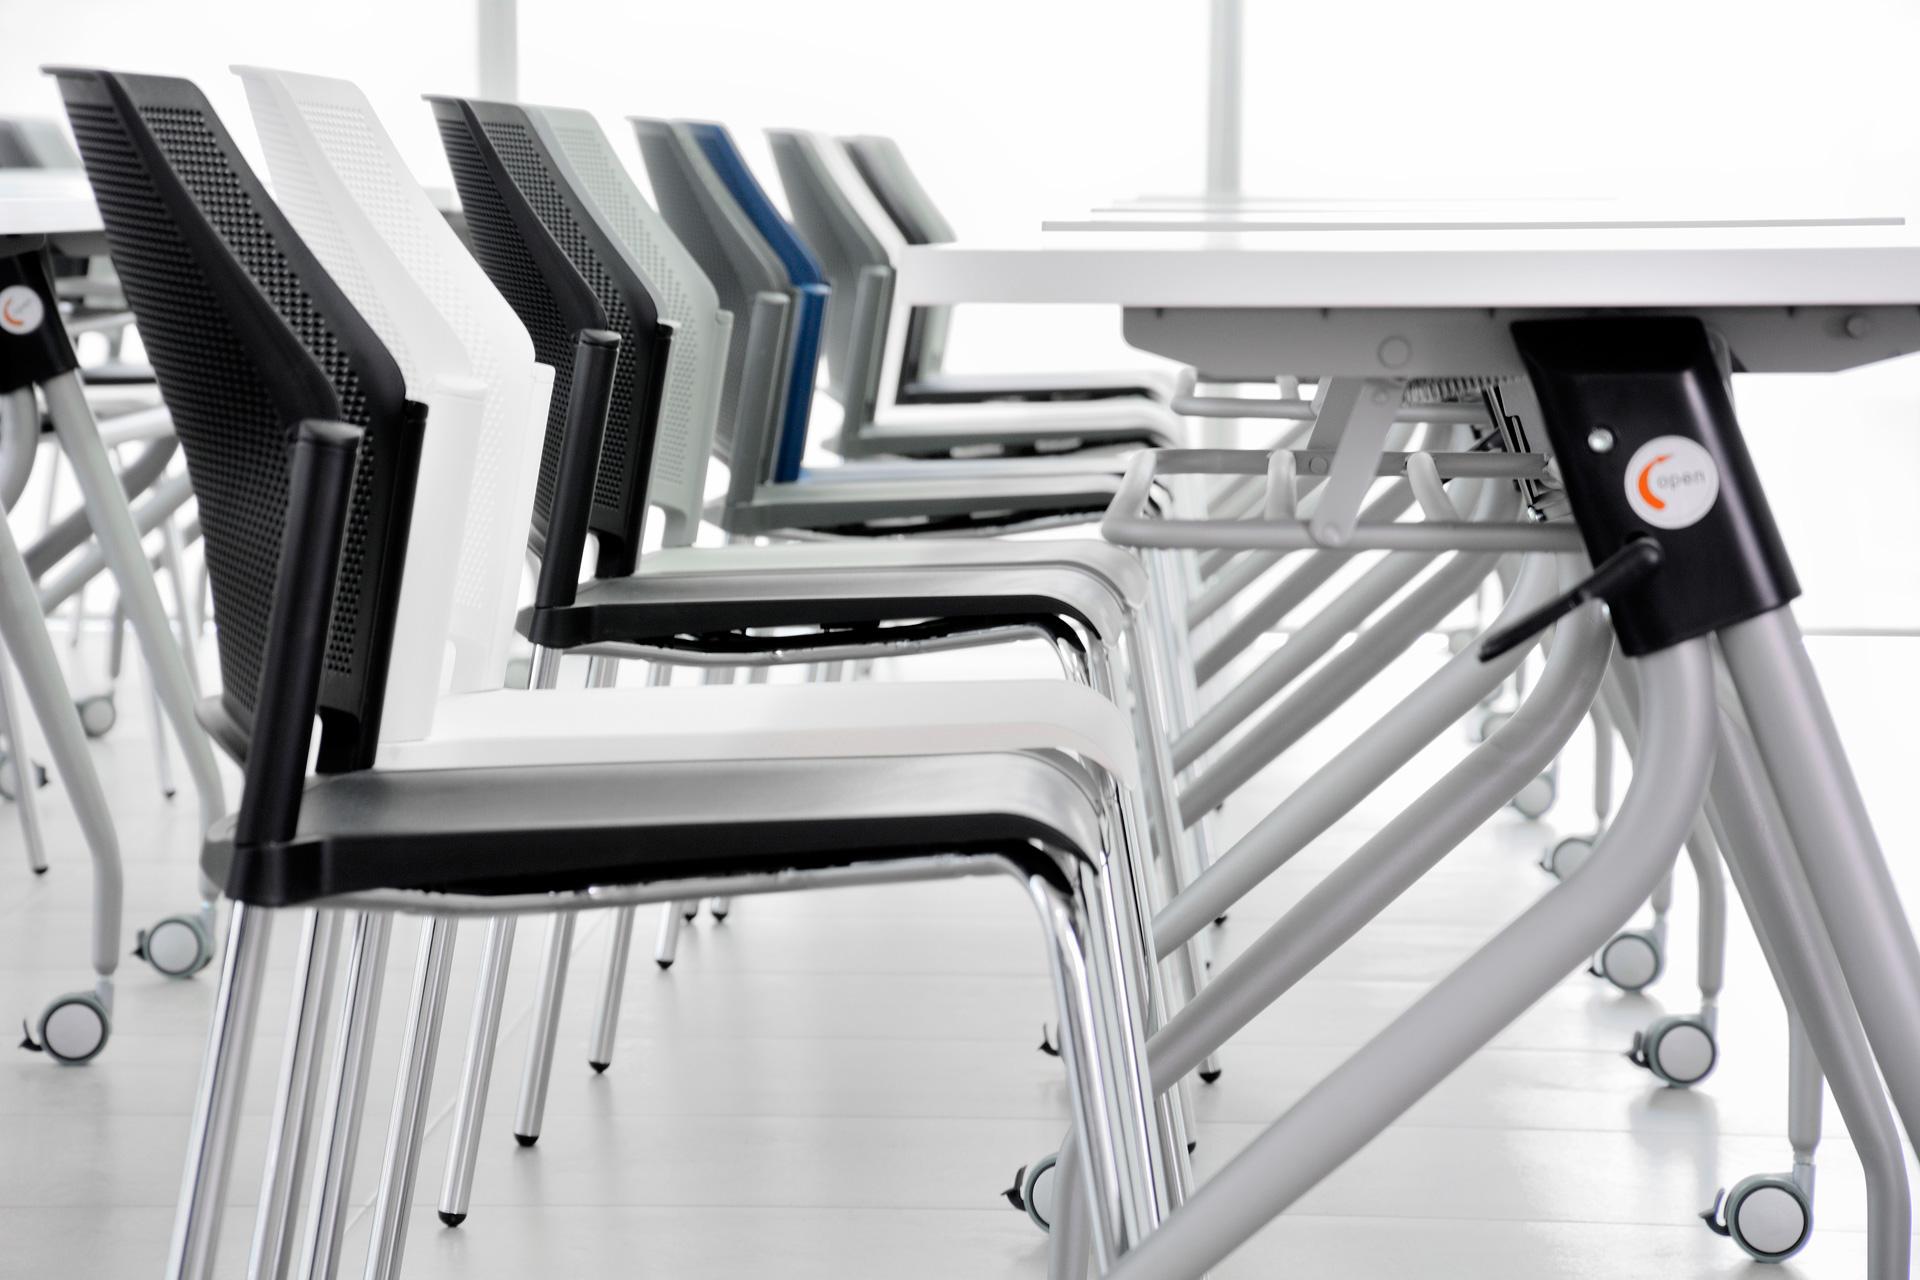 Muebles Para Oficina Queretaro 01 Muebles Para Oficina En M Xico # Muebles Queretaro